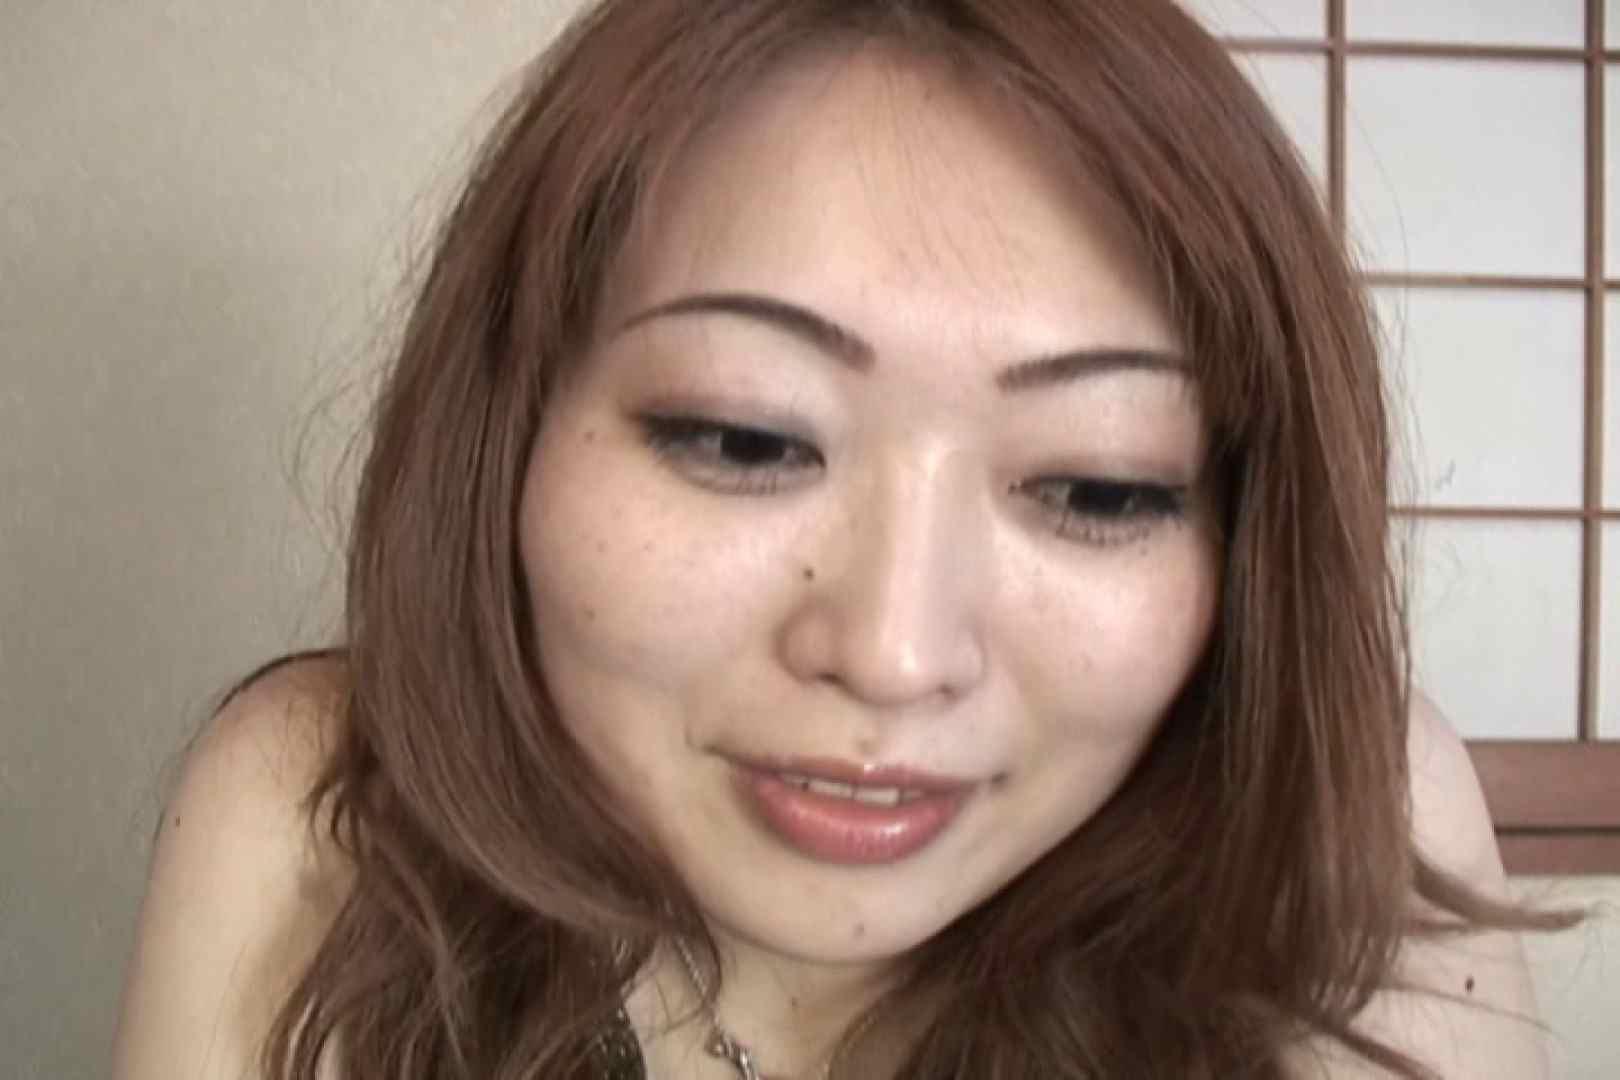 仕事で月200本のチンポを相手する22歳若人妻~桜井あい~ 本番  55pic 15